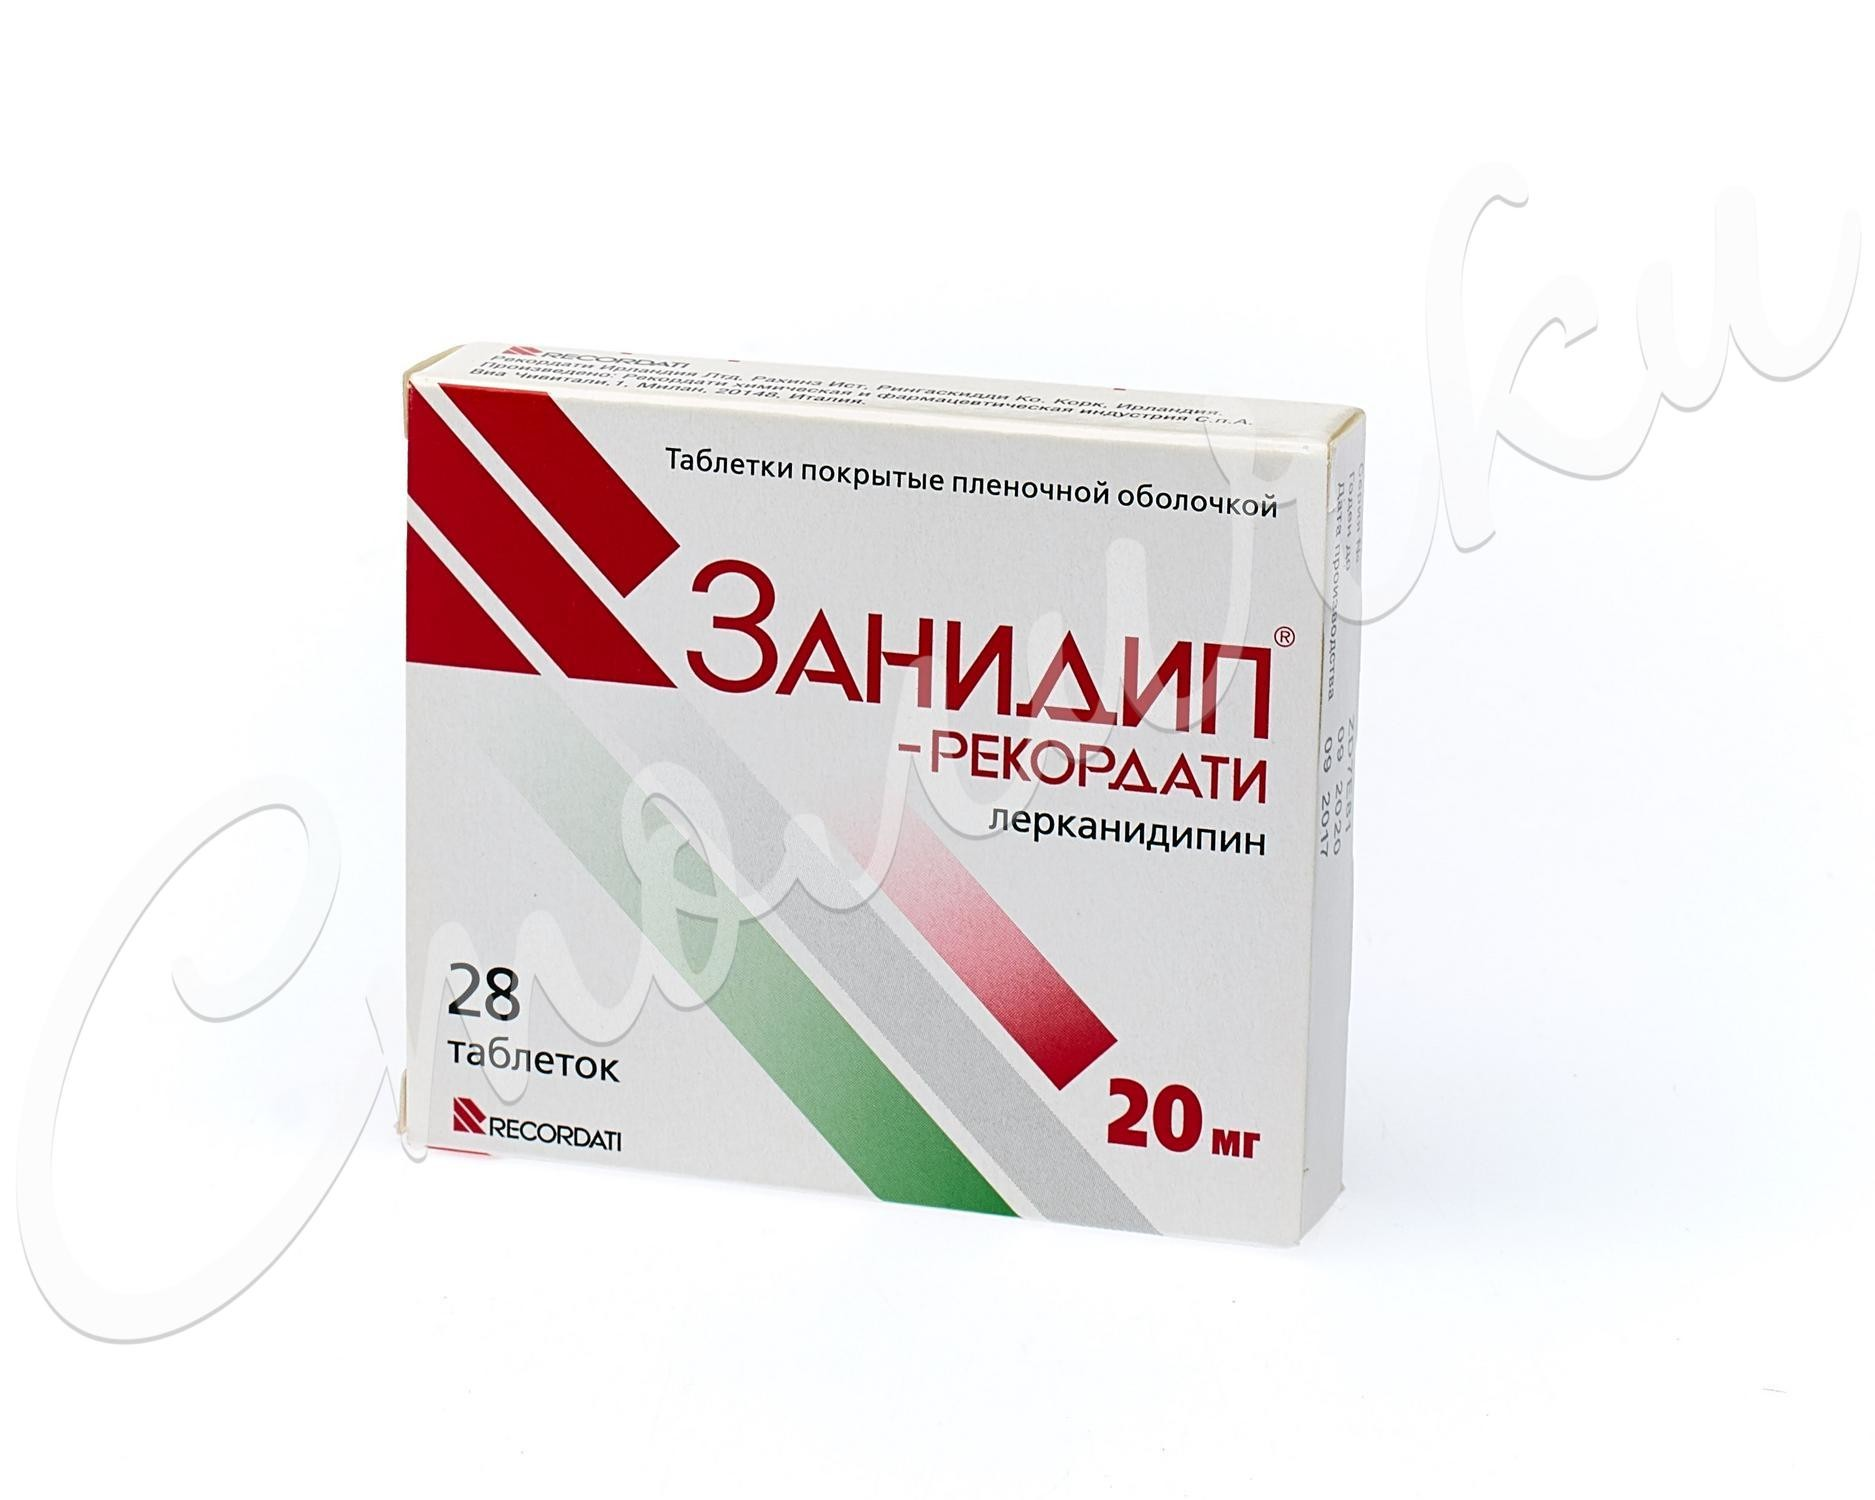 Лерканидипин: фармакологические свойства, инструкция по применению, отзывы о препарате